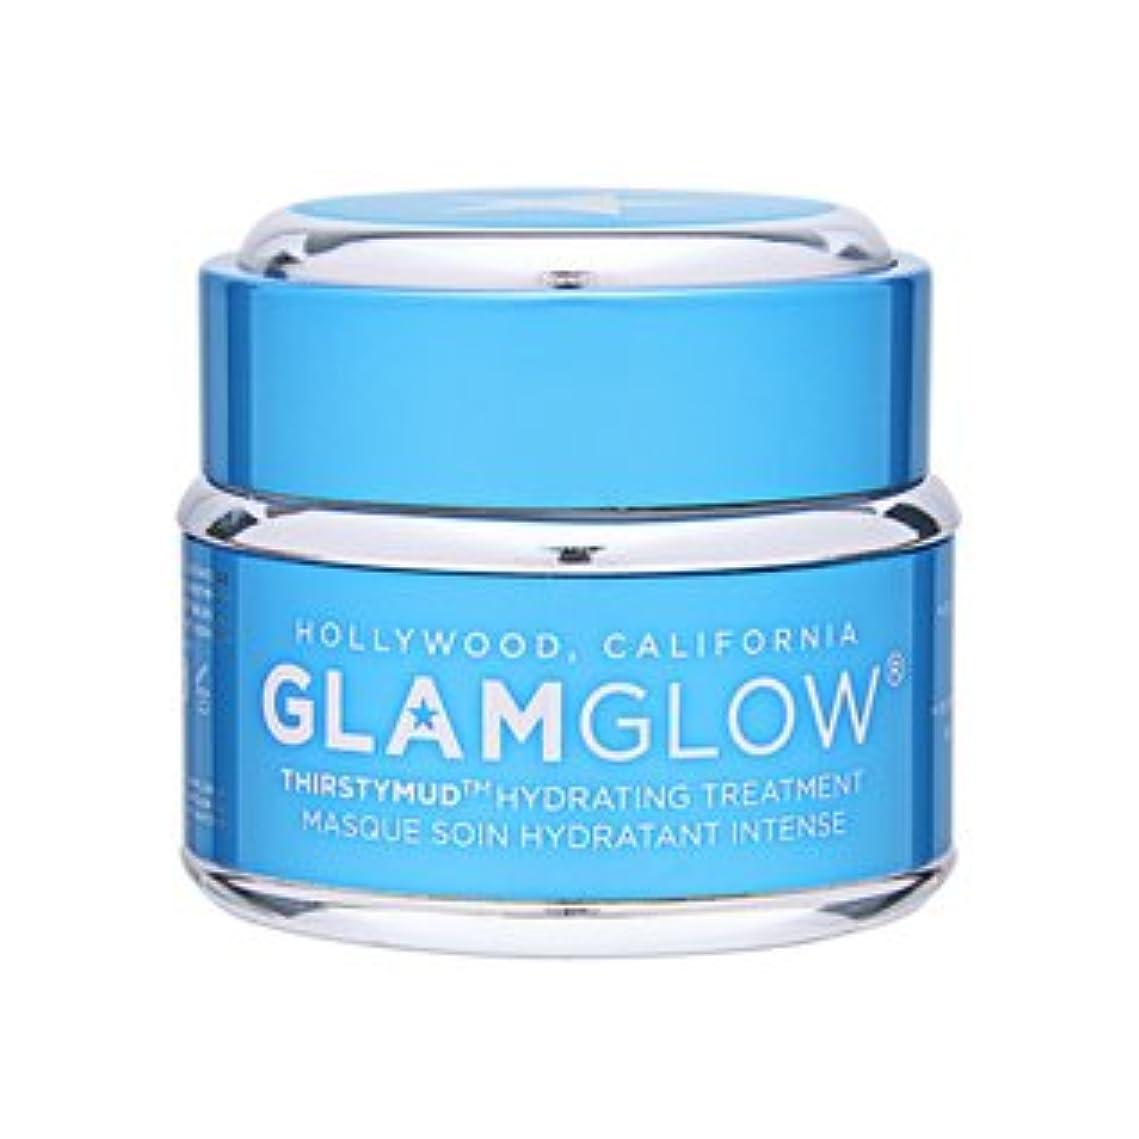 顔料格納カッターグラムグロウ(glamglow) サースティーマッド ハイドレイティング トリートメント [並行輸入品]